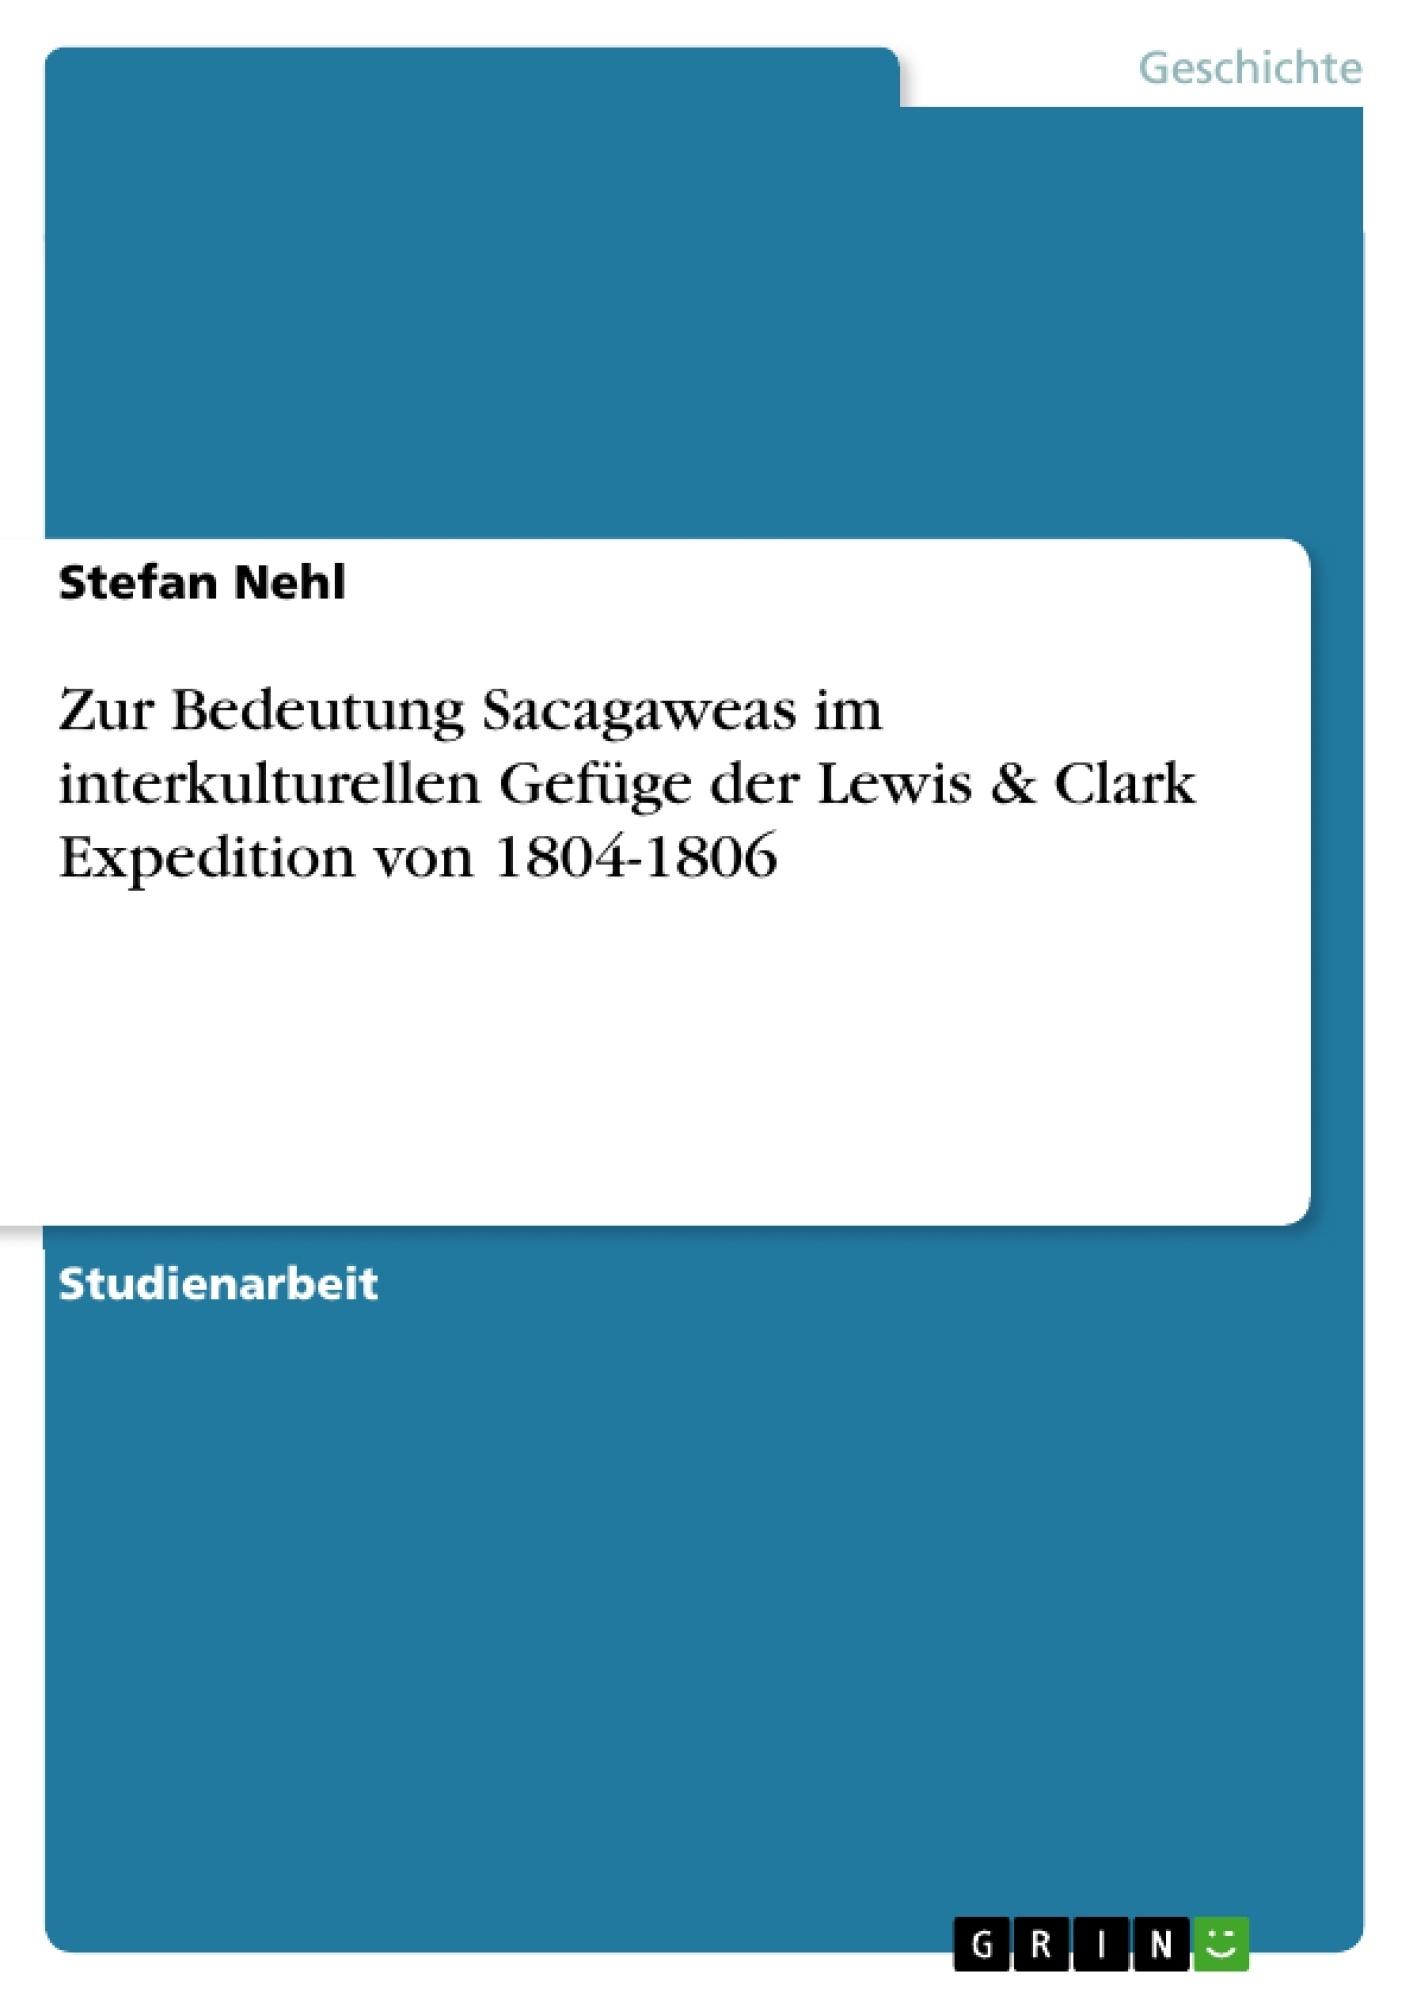 Titel: Zur Bedeutung Sacagaweas im interkulturellen Gefüge der Lewis & Clark Expedition von 1804-1806